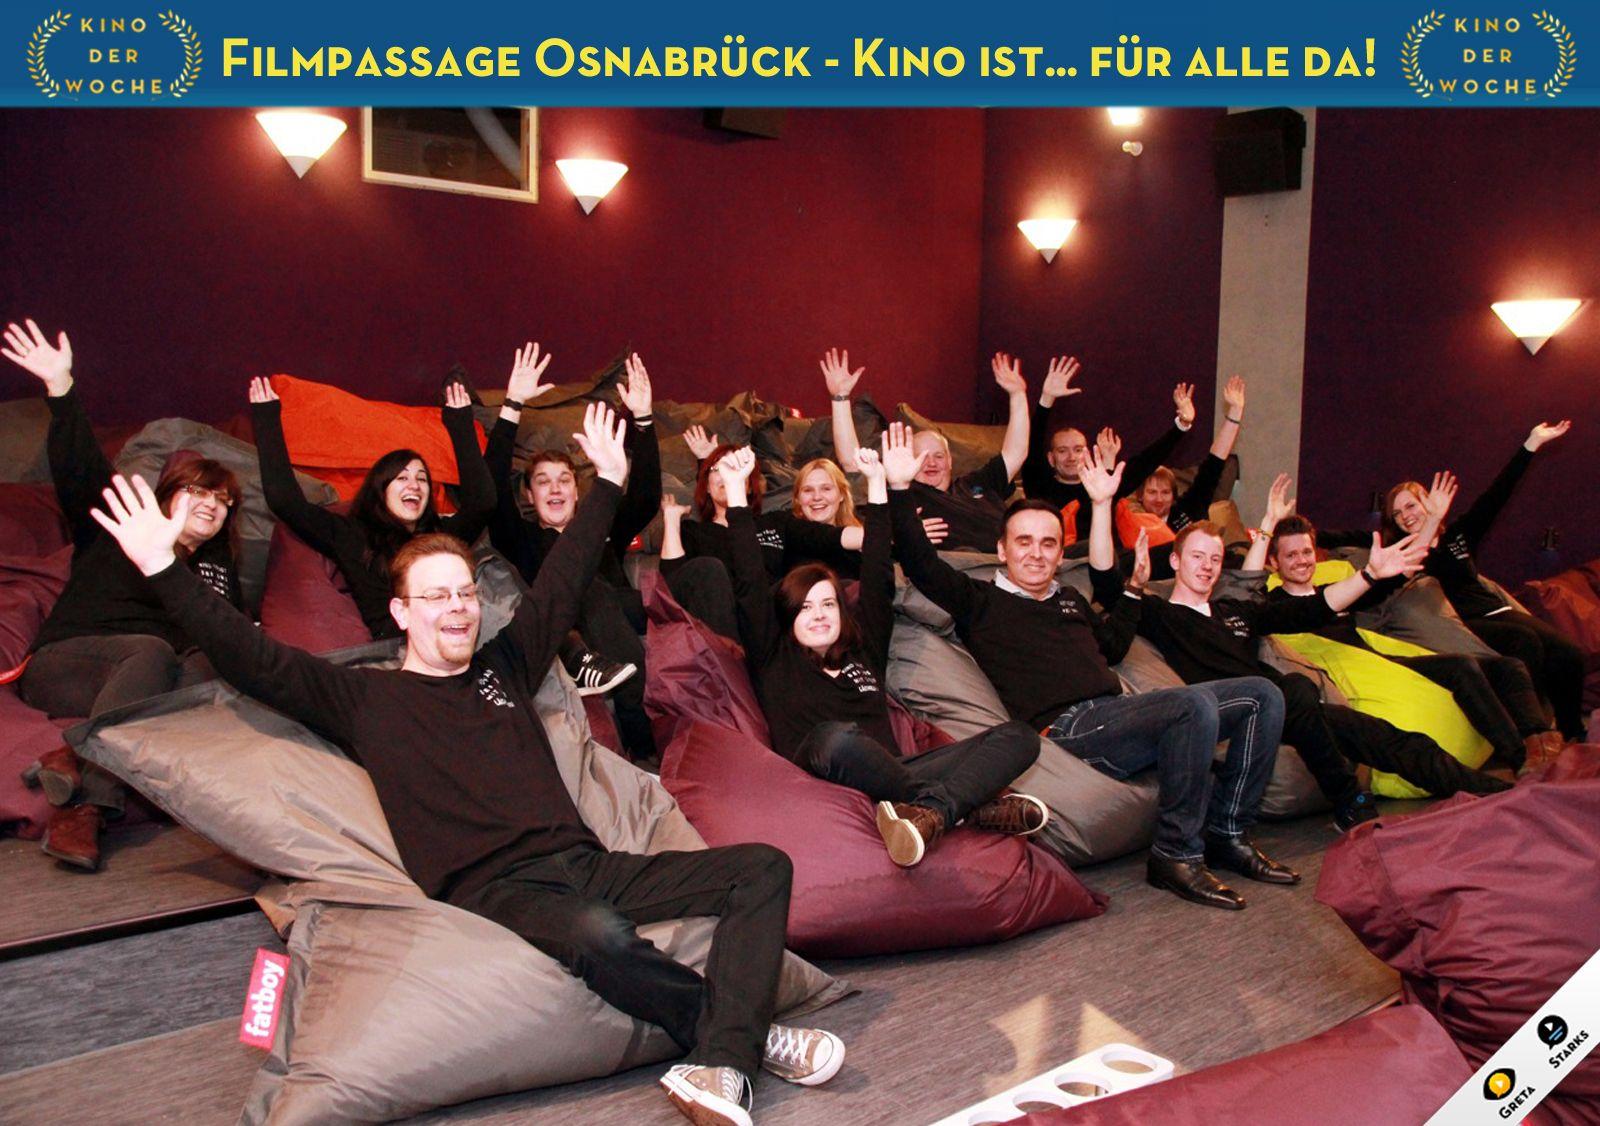 Filmpassage Osnabruck Wird Als Kino Der Woche Ausgezeichnet Mehr Infos Unter Www Facebook Com Gs Greta De Kino Filme